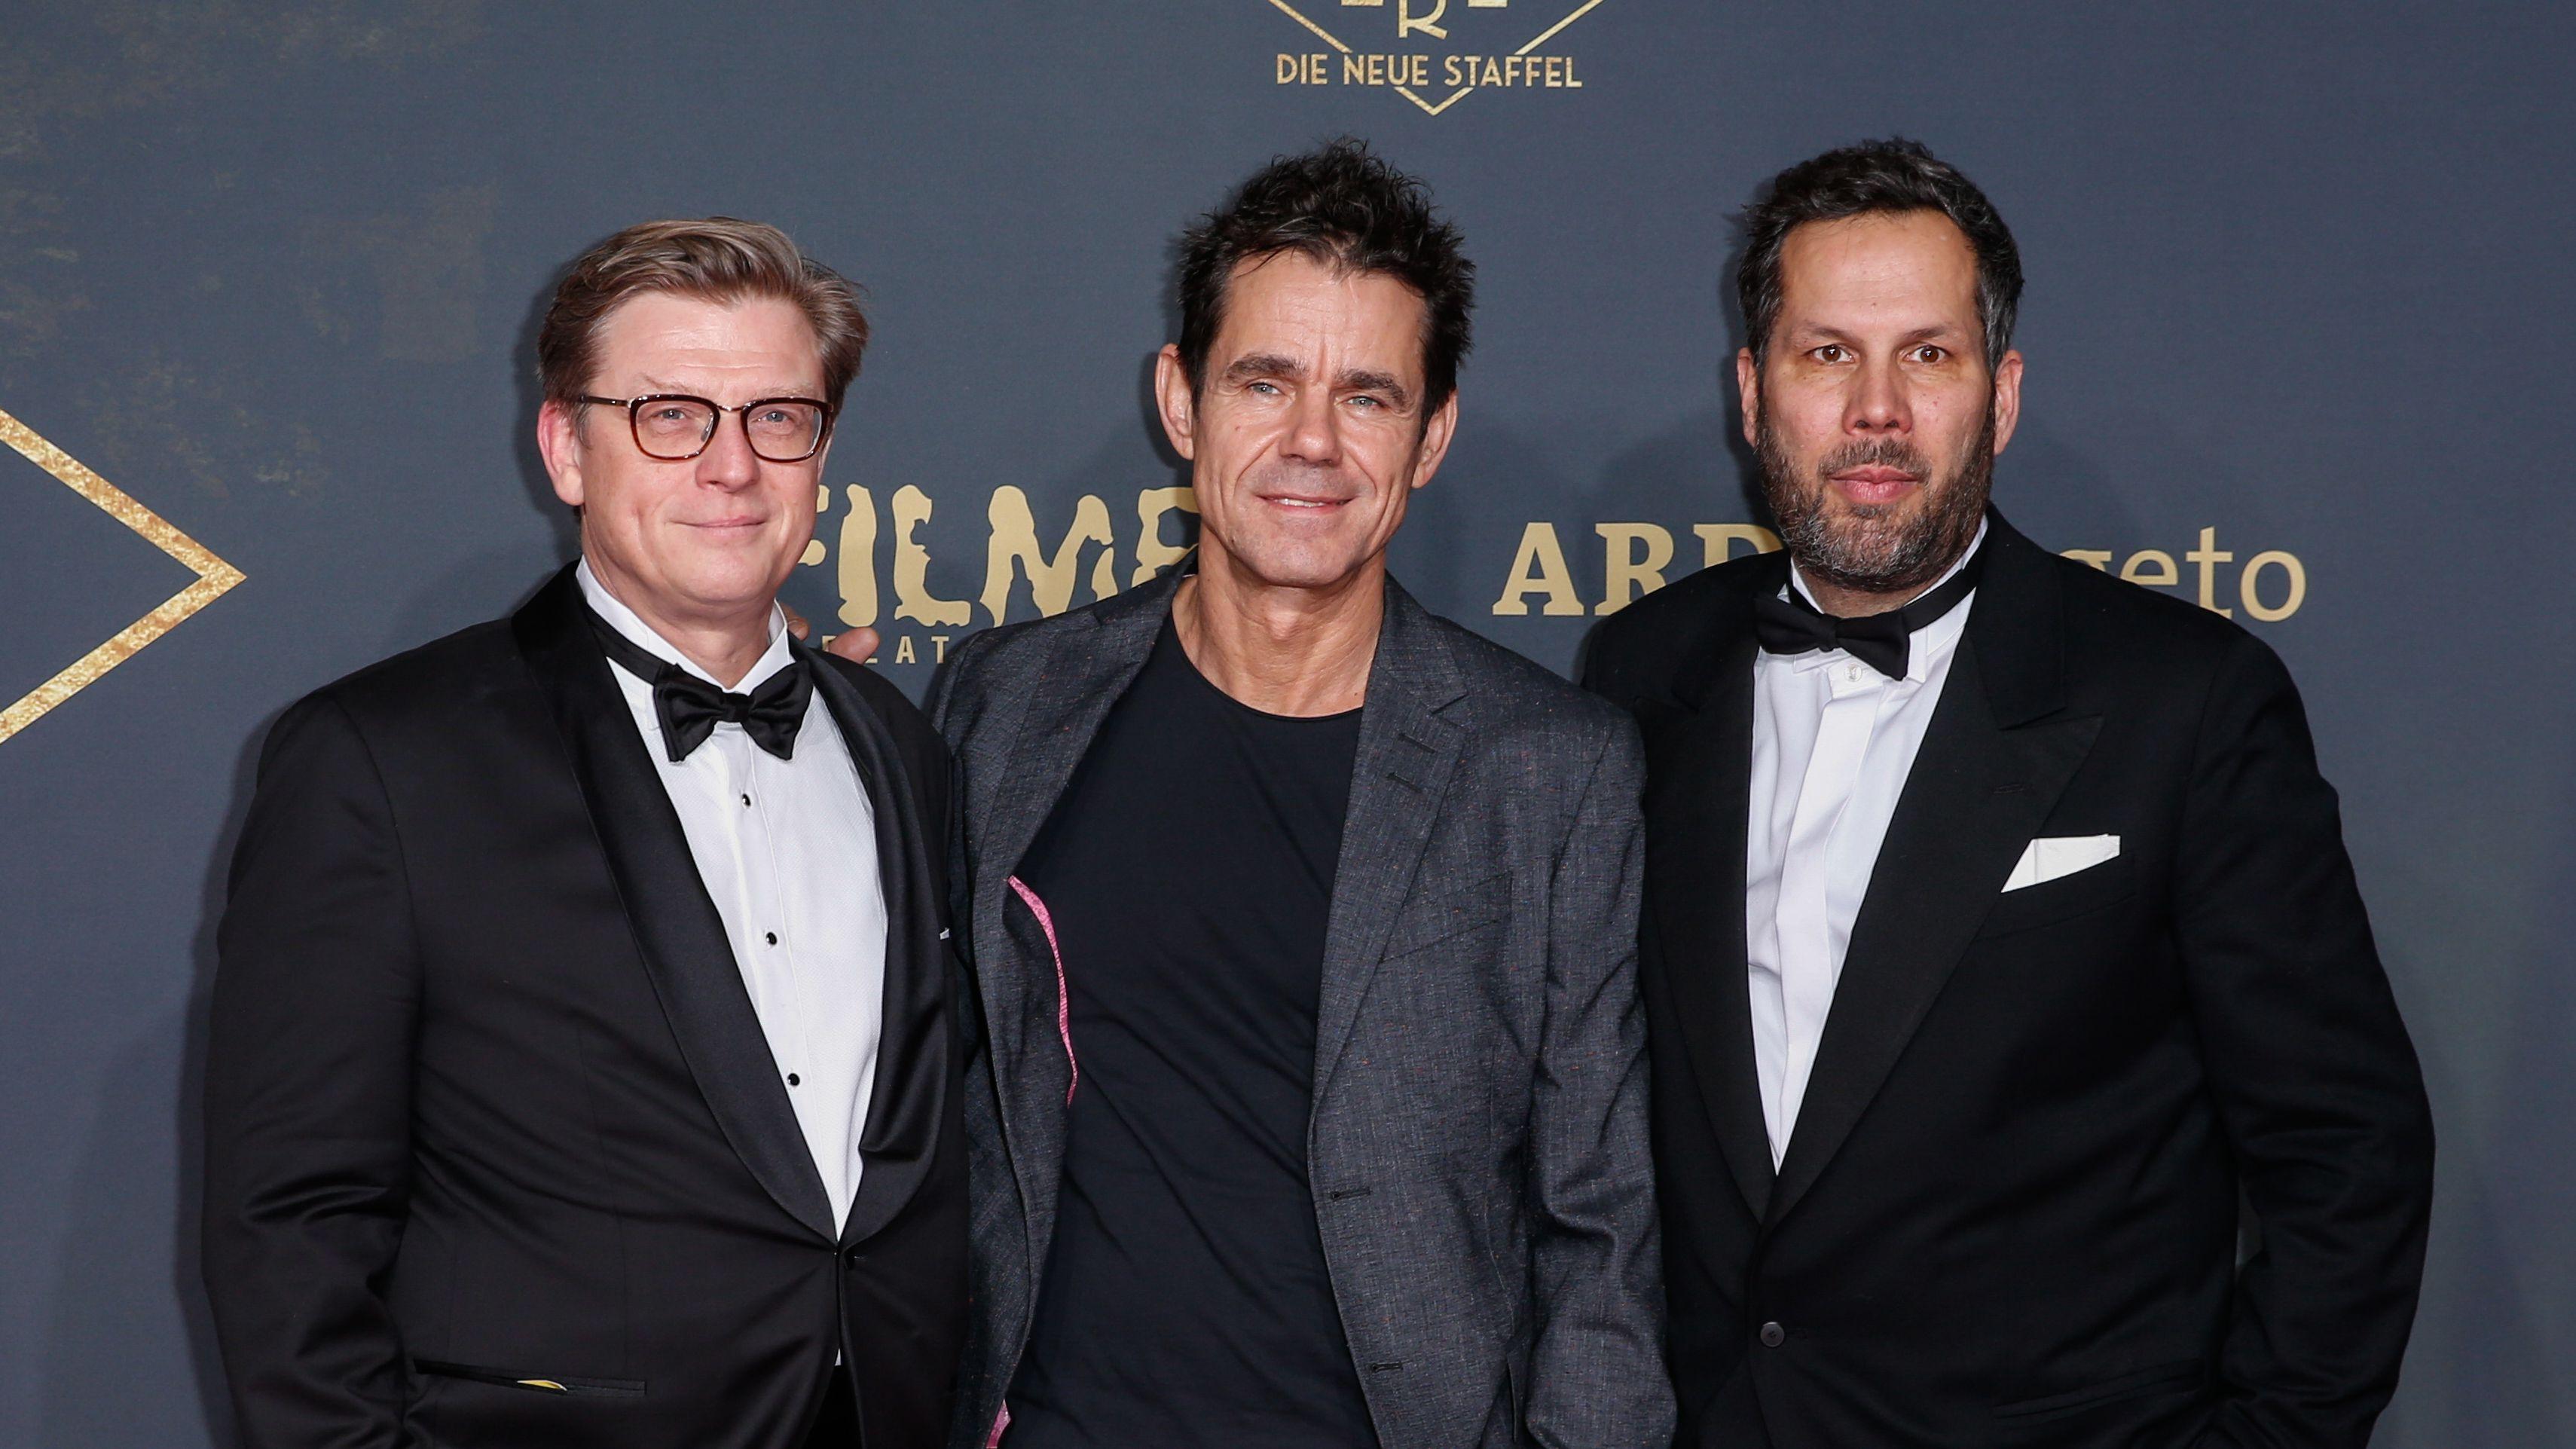 """Achim von Borries, Tom Tykwer und Henk Handloegten stehen bei der Weltpremiere der neuen Staffel von """"Babylon Berlin"""" vor einer Werbewand und lächeln in die Kamera"""